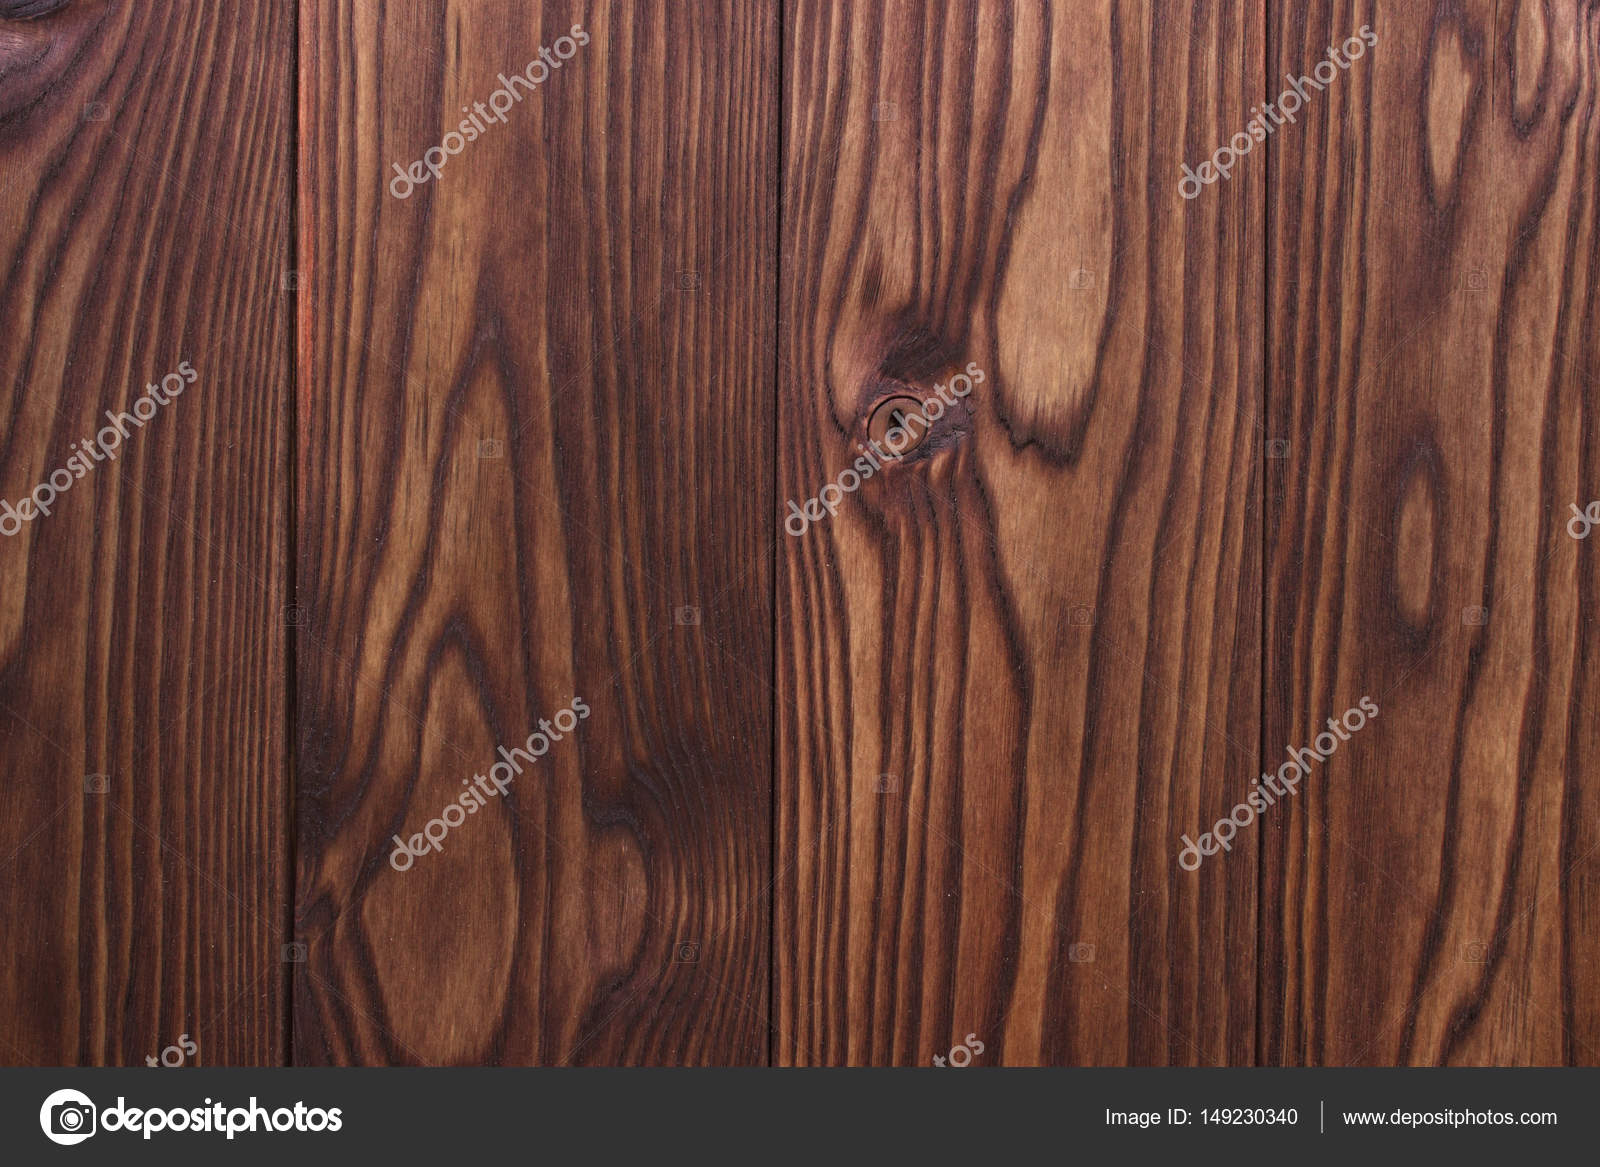 Amusing Brauntöne Wand Ideas Of Alte Vintage Geplankte Holzstruktur Hintergrund. Draufsicht Der